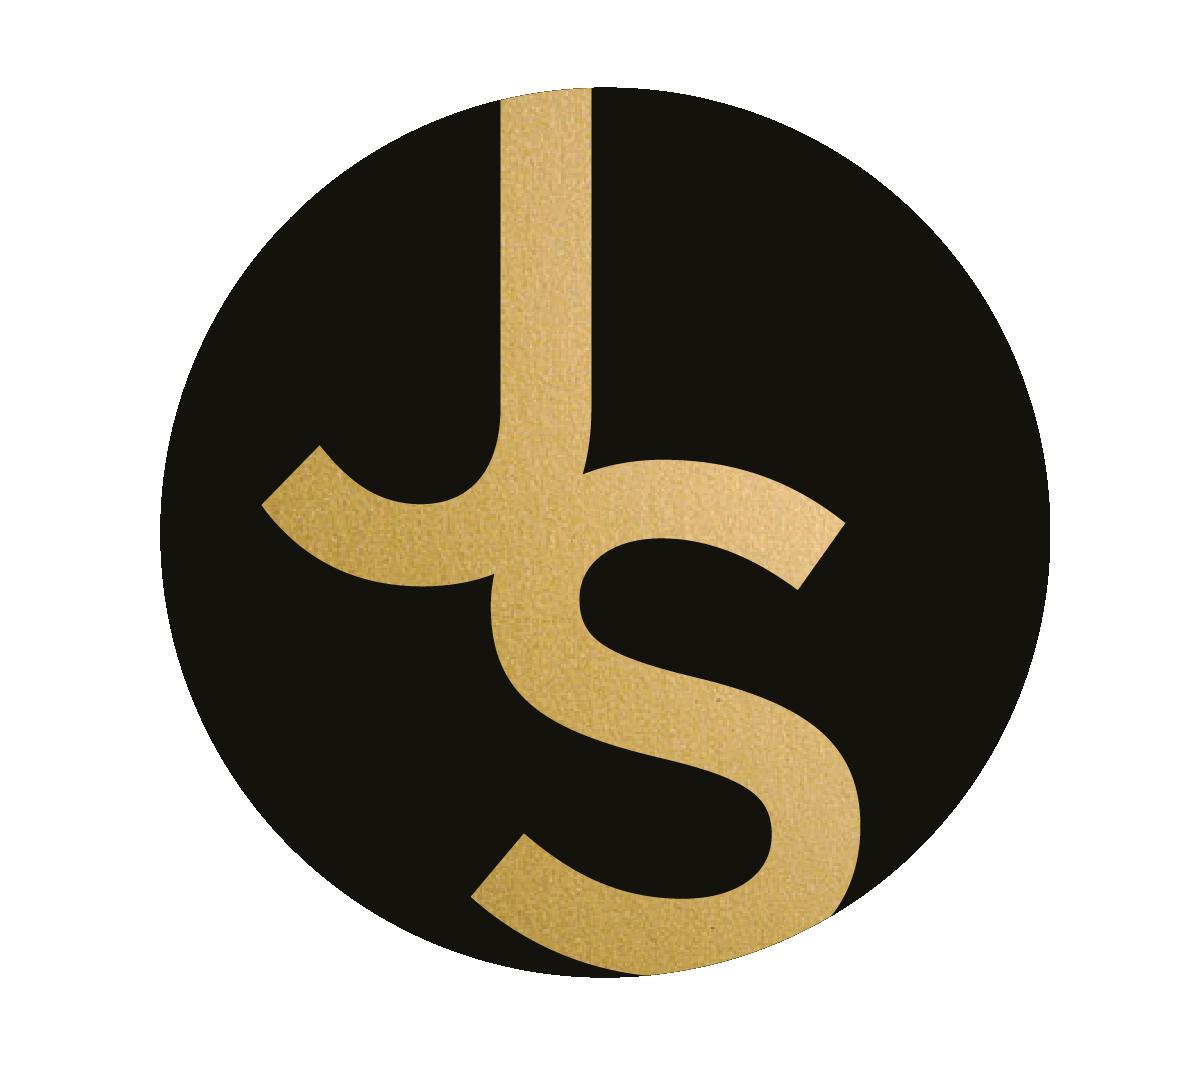 JS-Mark-BlackGold-RGB (Emily Wells's conflicted copy 2018-03-16).png